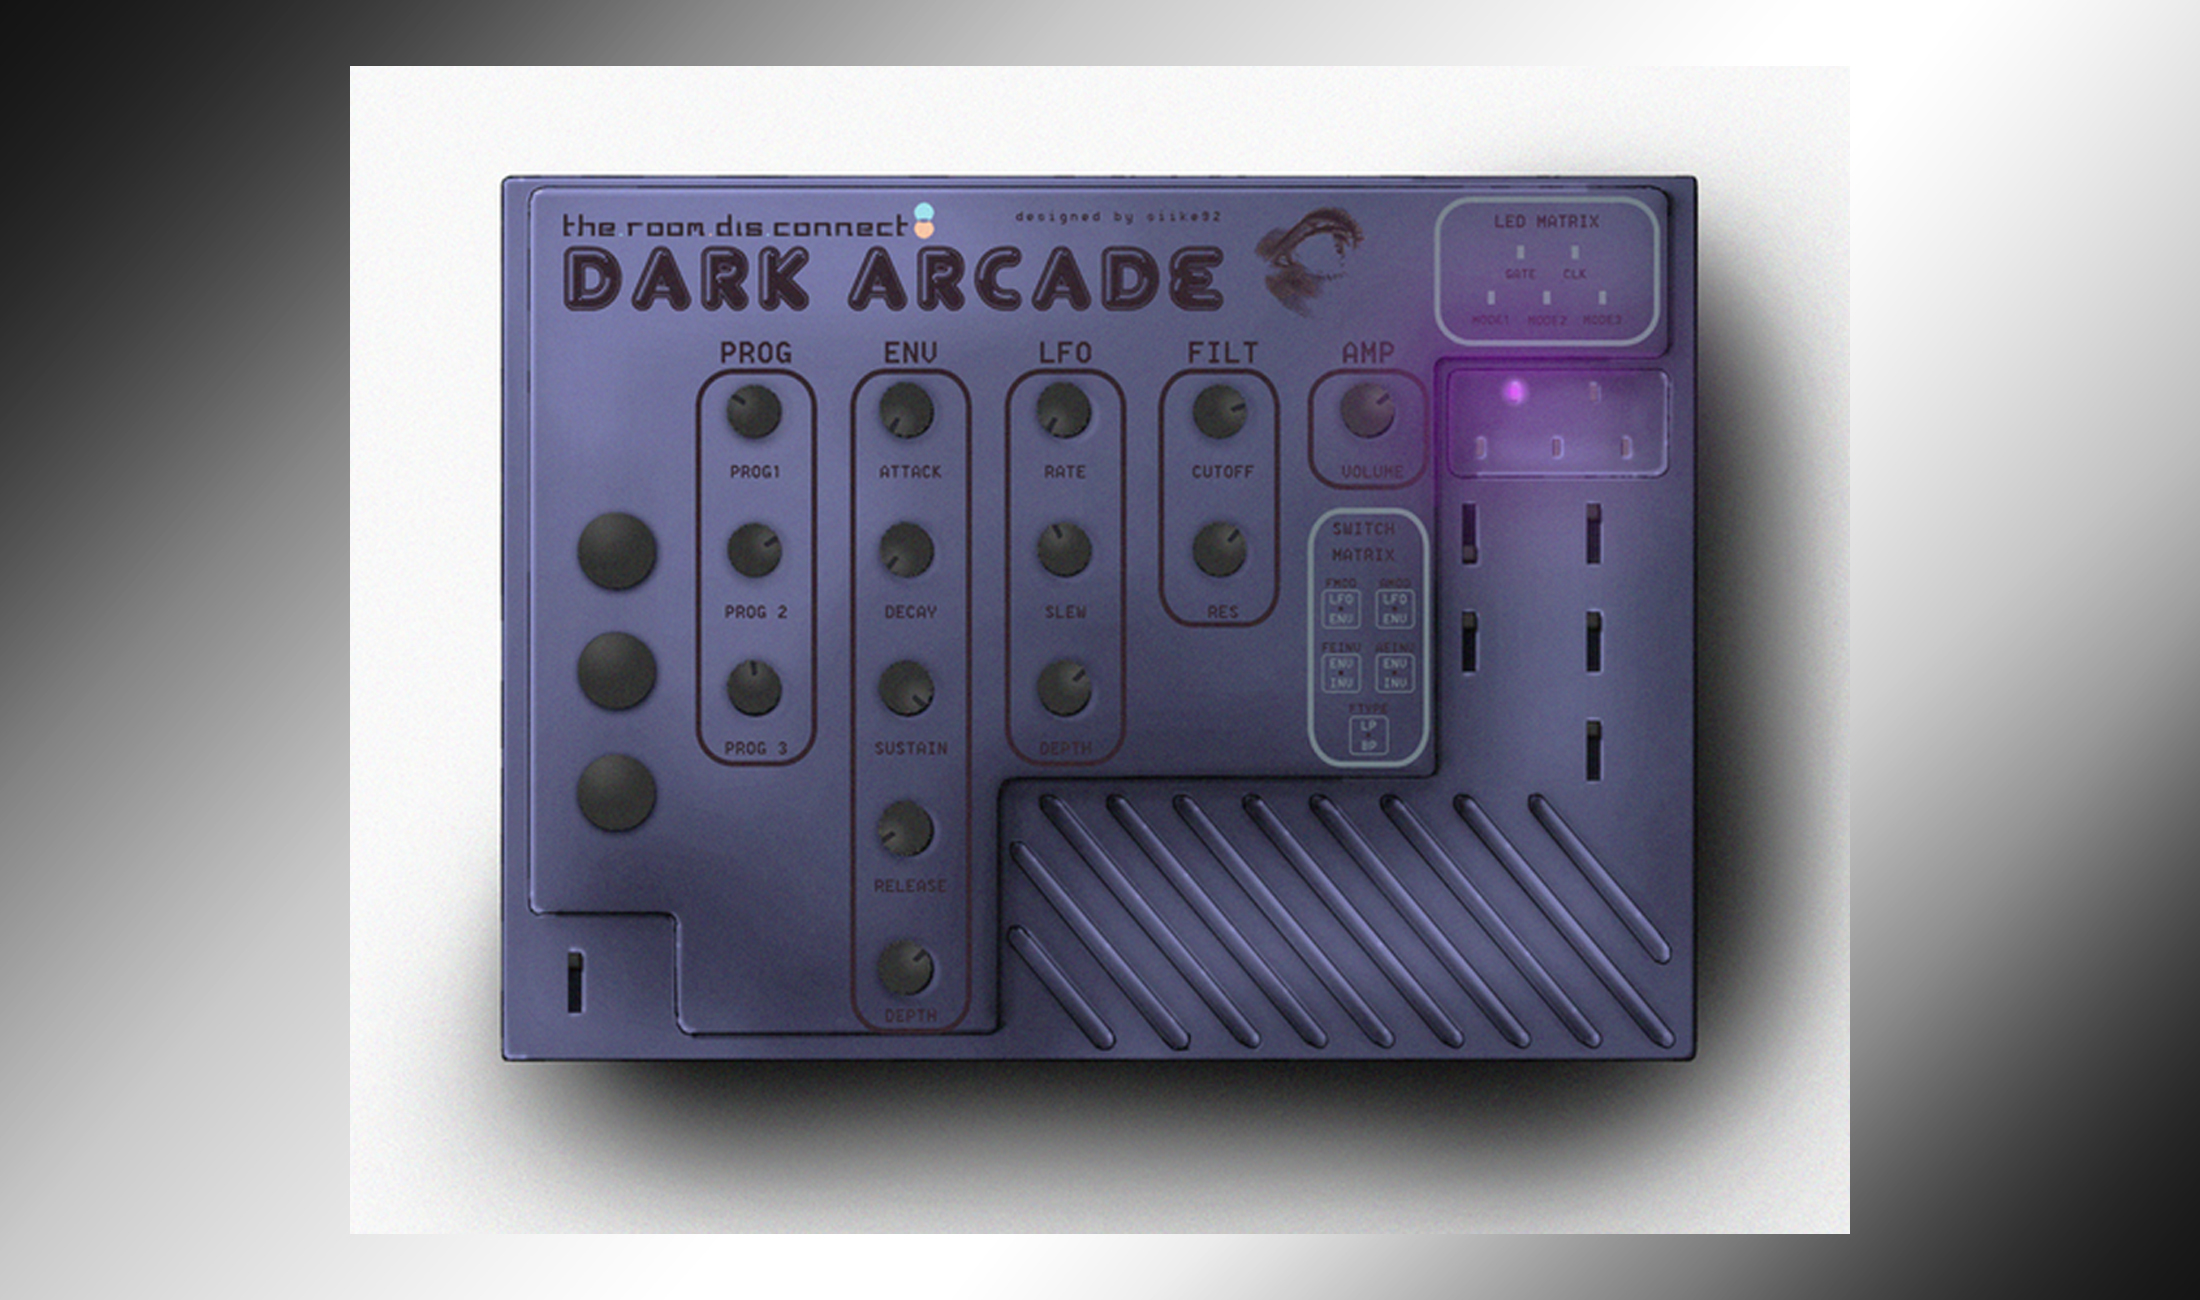 Dark Arcade: Paraphonischer Hybrid-Synth mit vier Stimmen für 120 Dollar